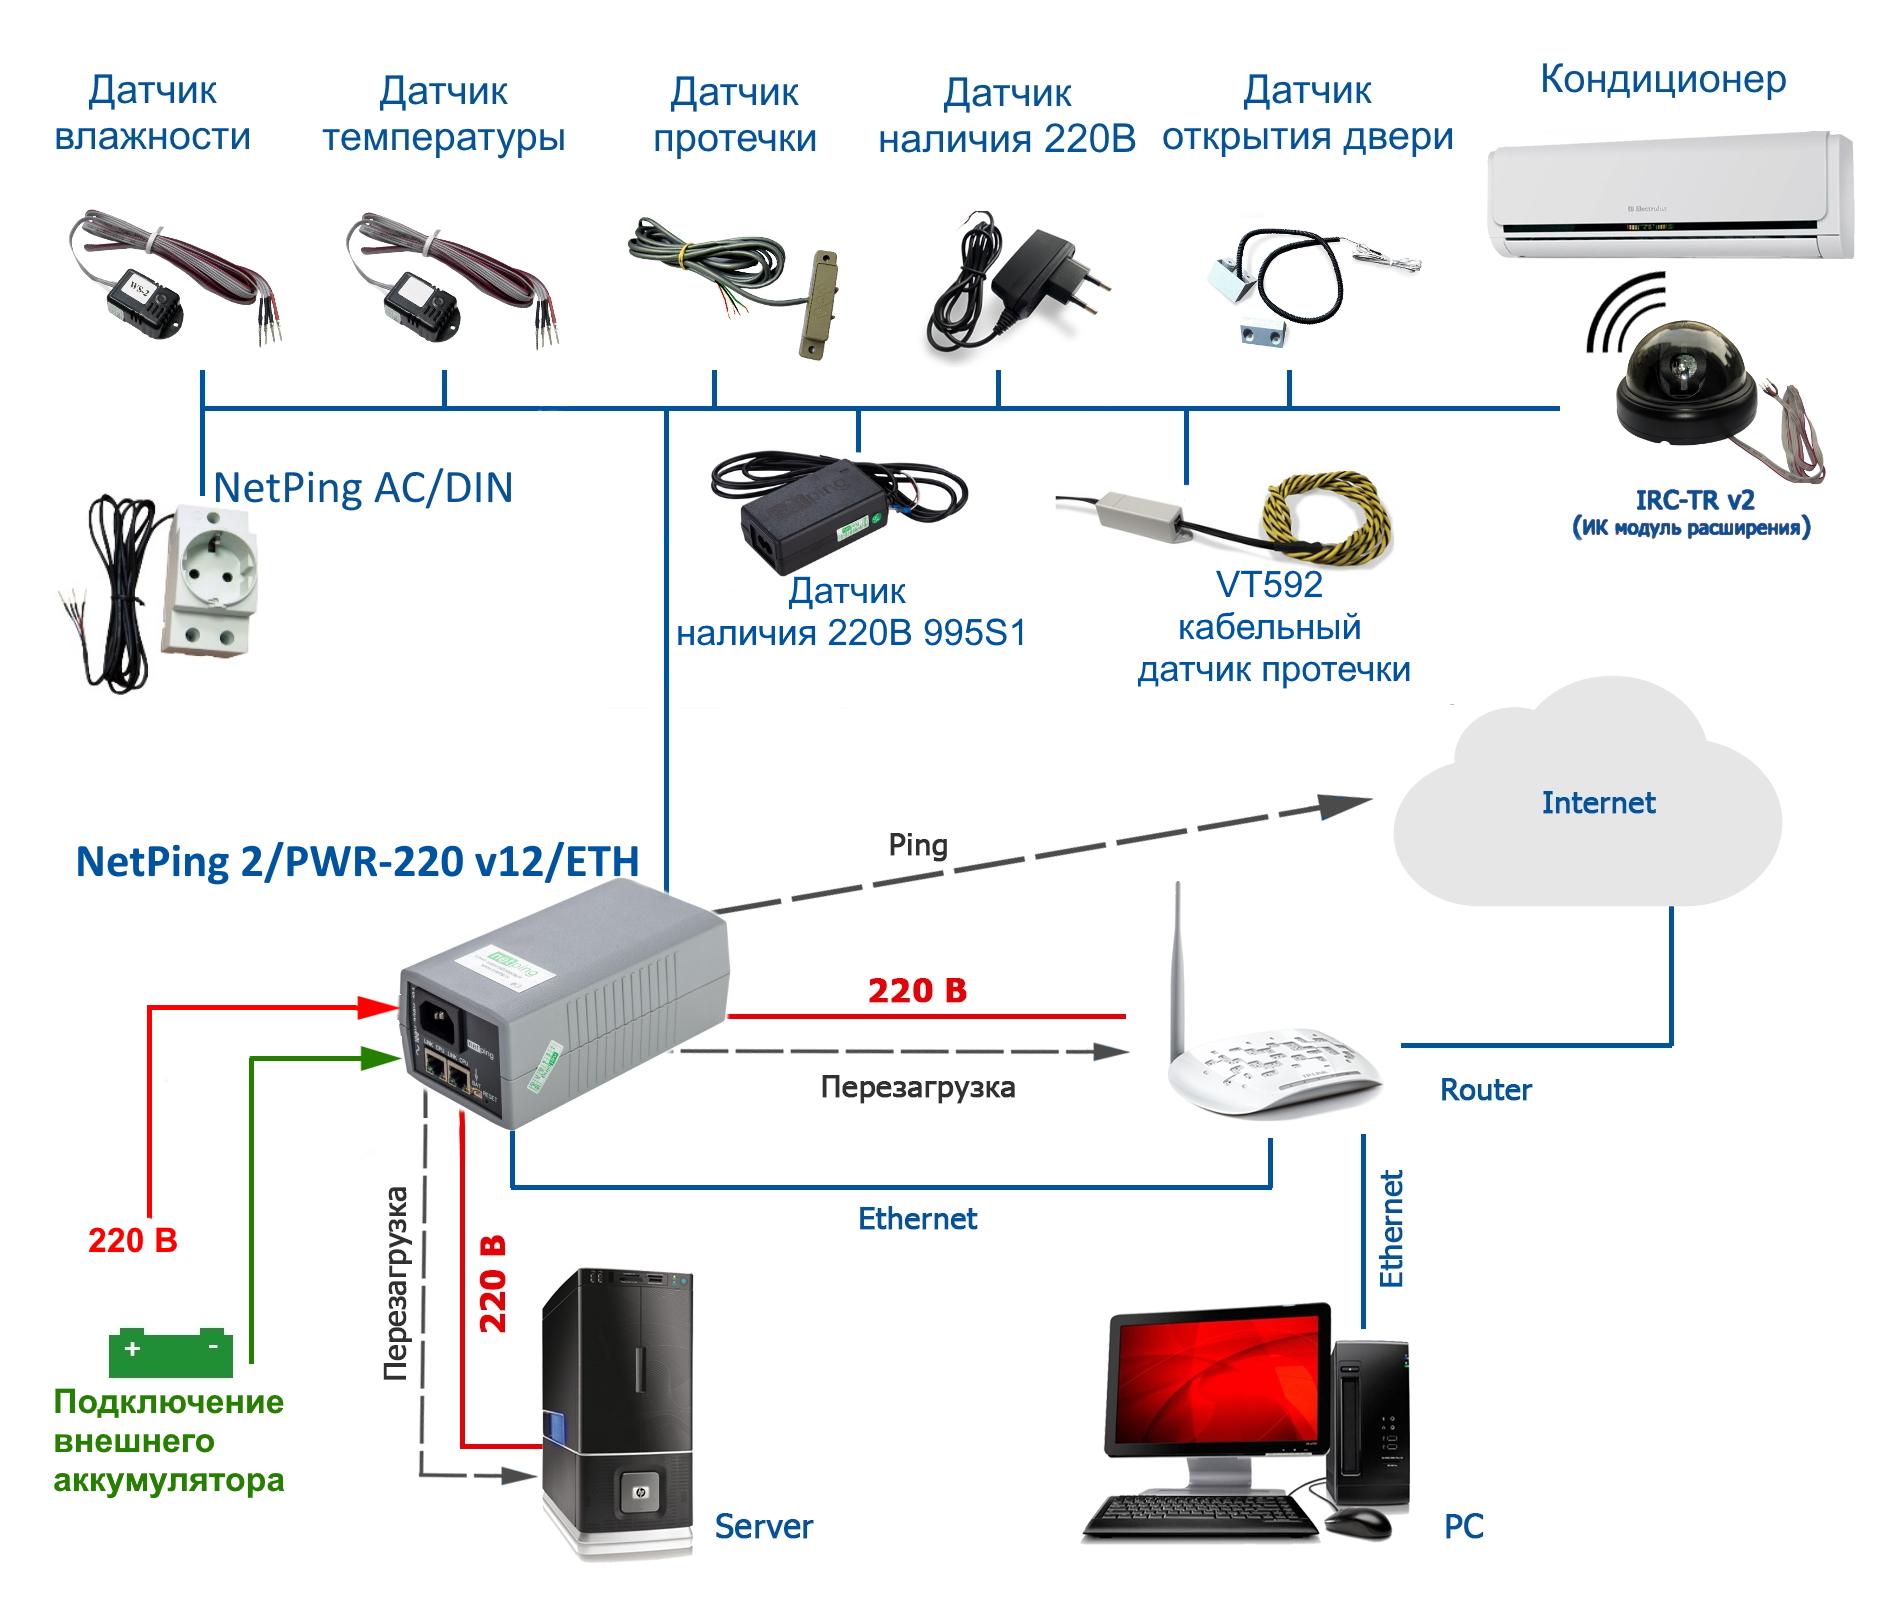 NetPing 2PWR-220 v12 ETH - подключение нагрузки, датчиков и исполнительных механизмов